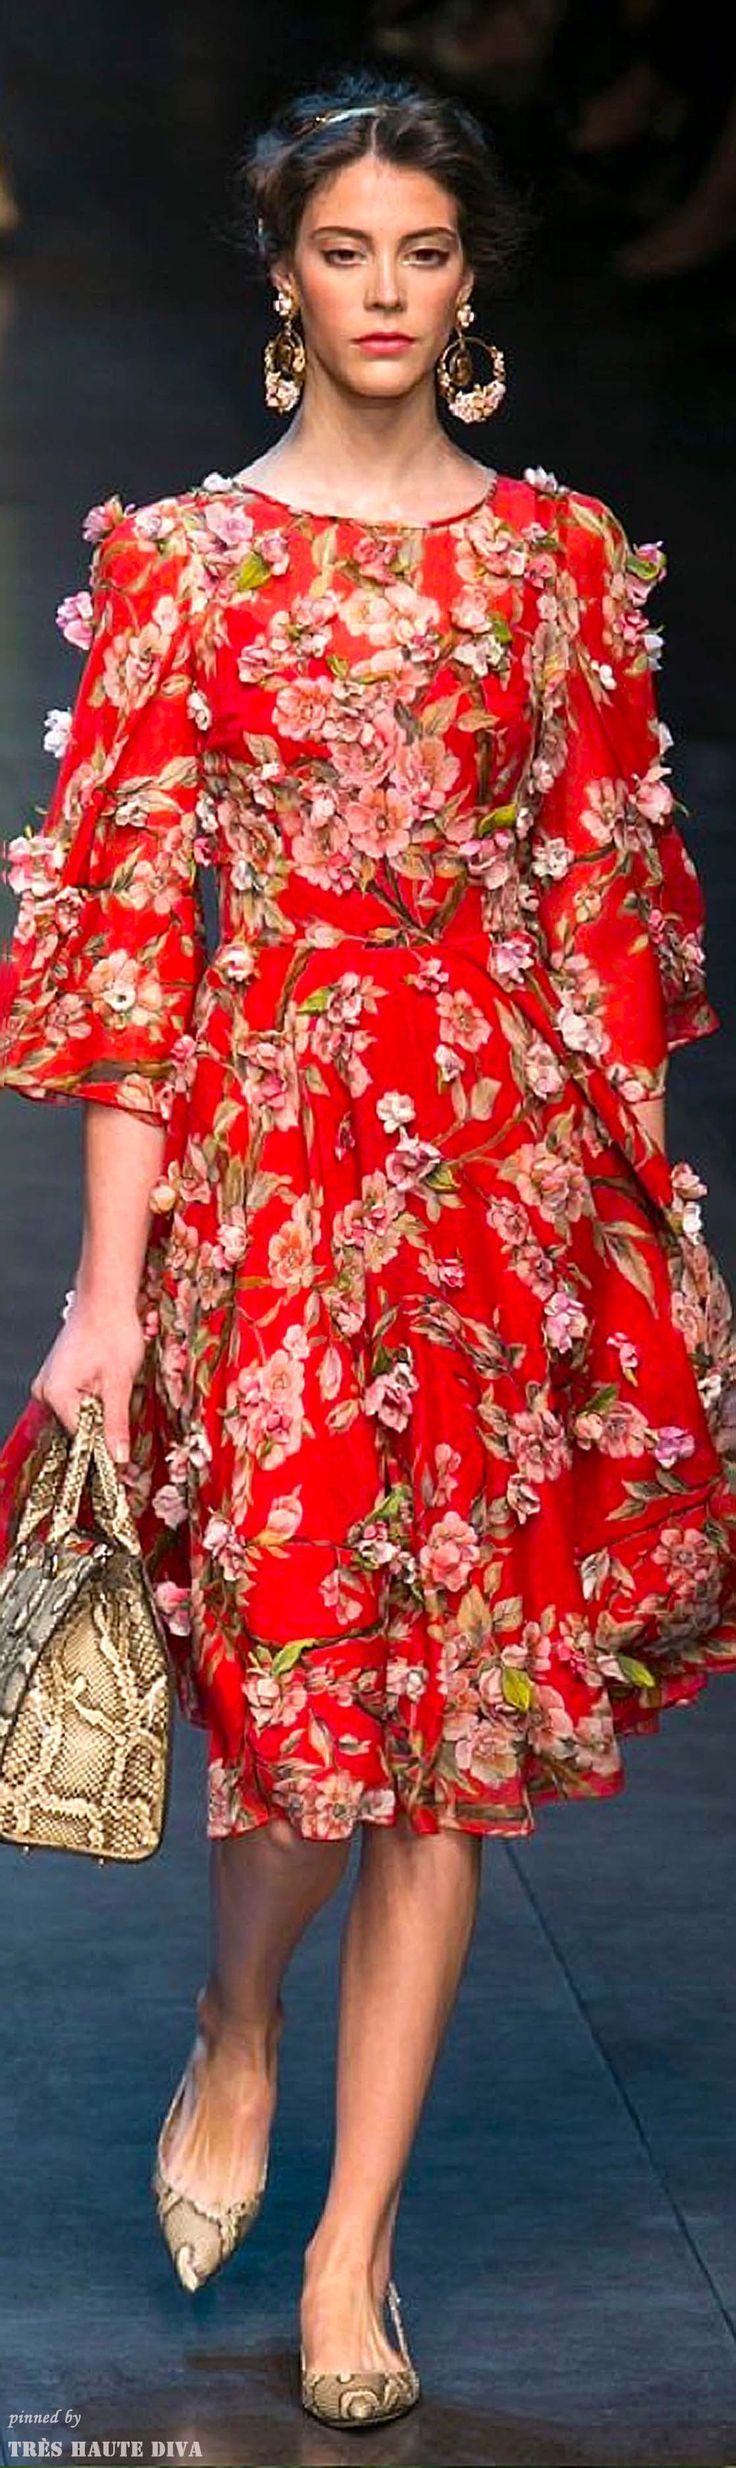 Dolce & Gabbana Spring 2014 RTW. Vestido, vermelho, floral, aplicações.